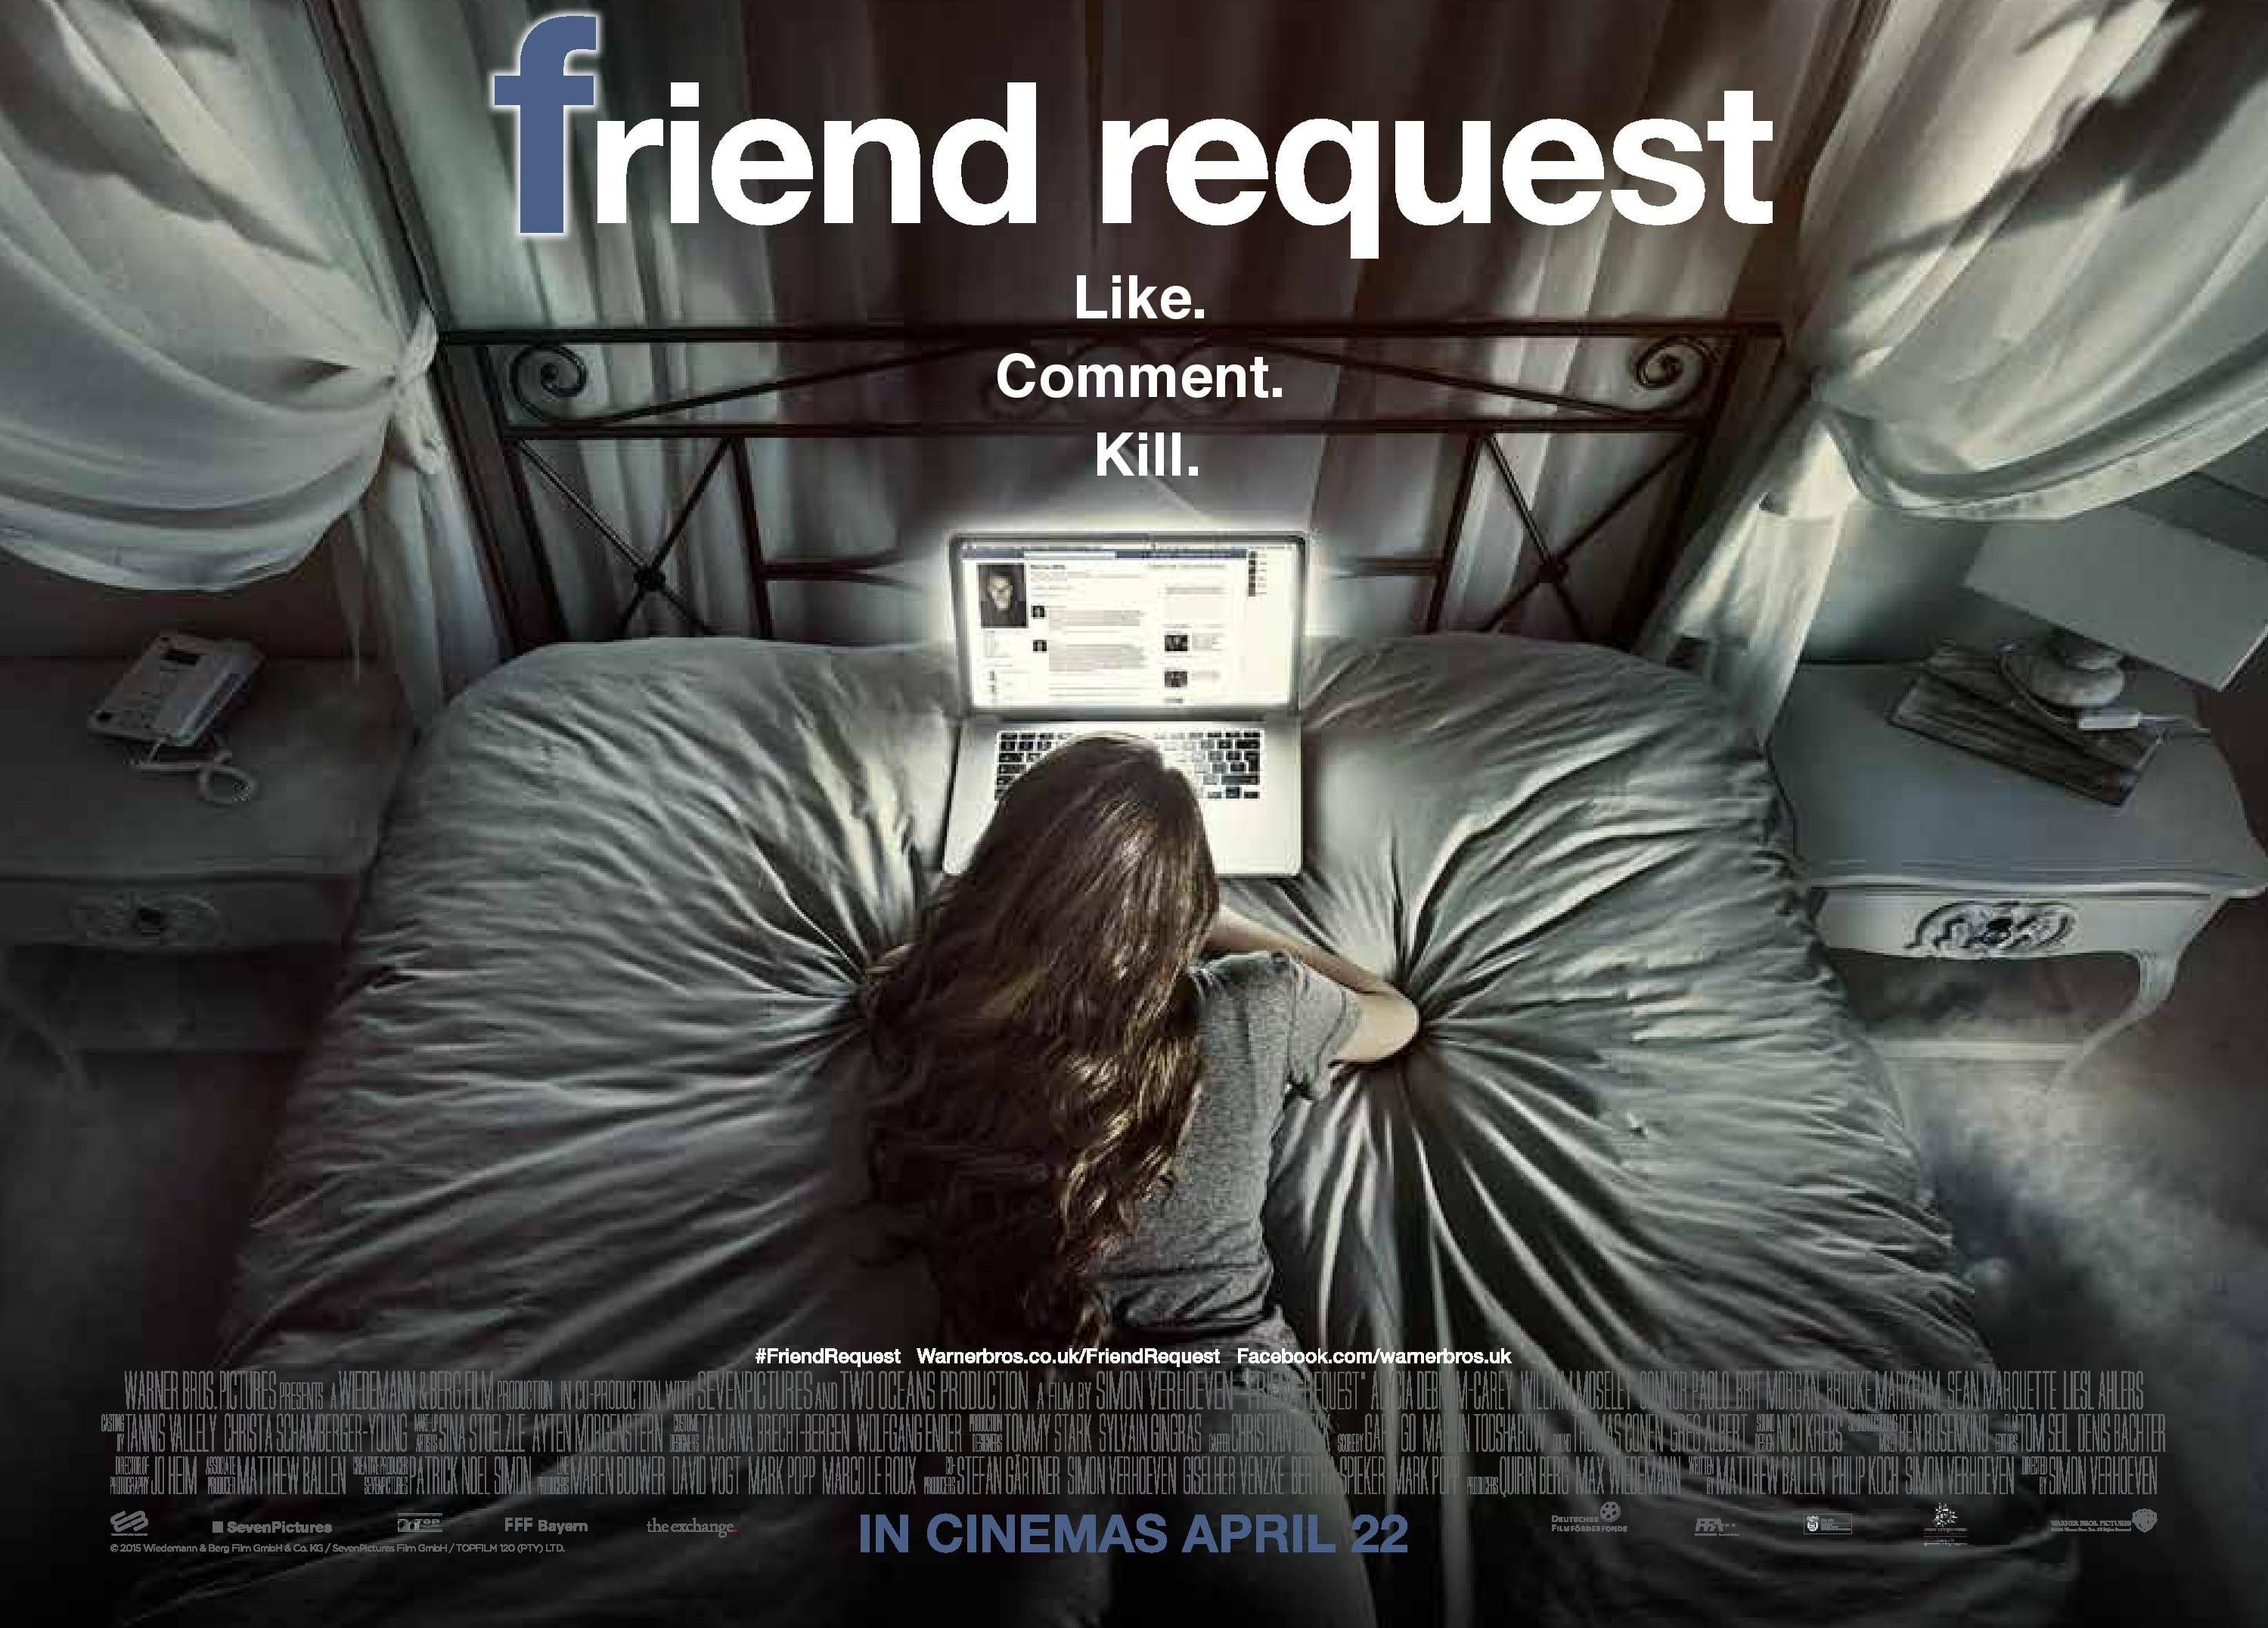 ผลการค้นหารูปภาพสำหรับ friend request 2020 film